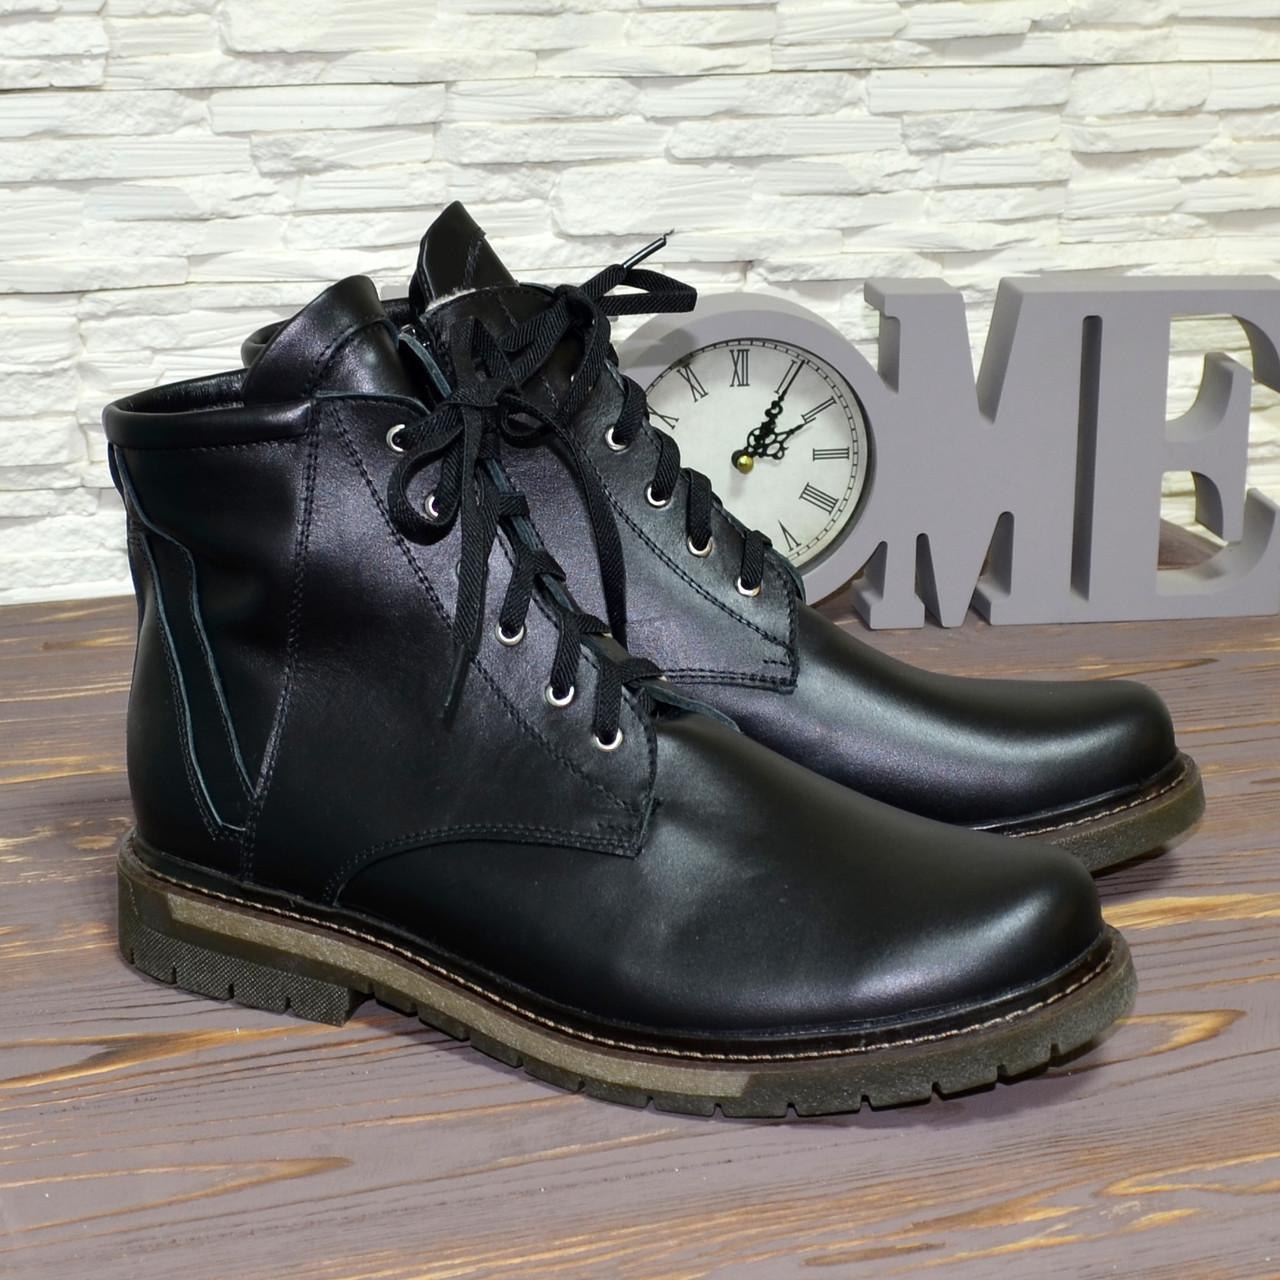 Ботинки мужские на шнуровке, натуральная кожа черного цвета.